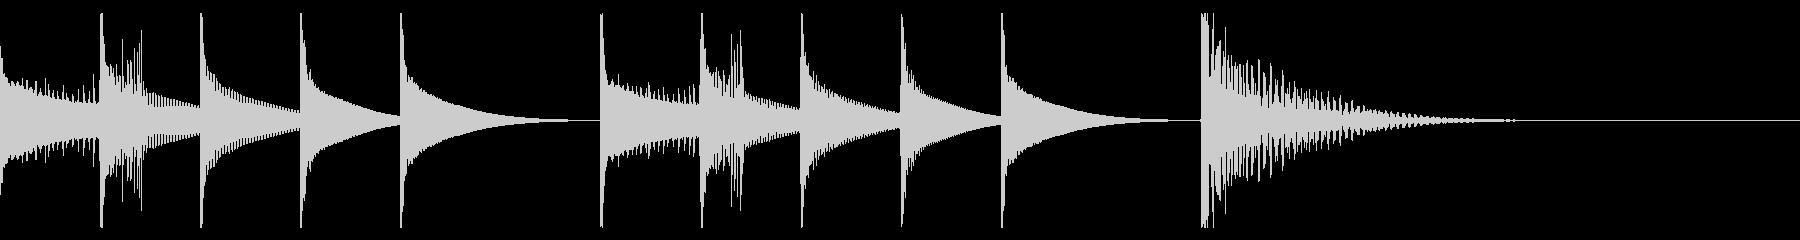 ピタゴラスイッチ風マリンバのジングルの未再生の波形